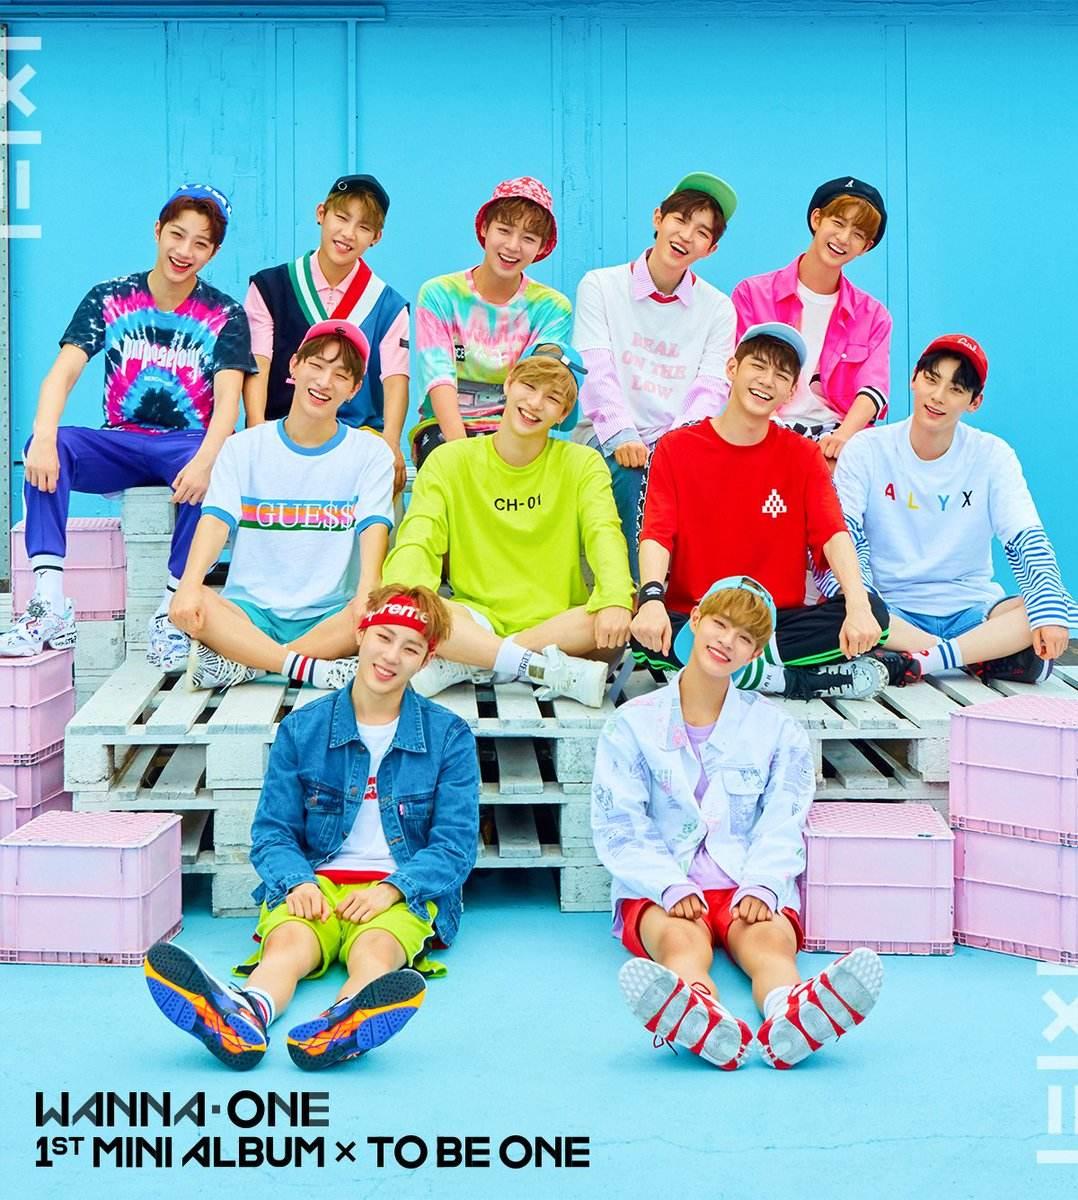 Wanna One在出道時便推出他們第一個實境團綜《Wanna One GO》,由成員全員出演,記錄他們在準備專輯時以及他們在宿舍的生活,讓大家可以看到他們和在舞台上相比更不同的樣子。